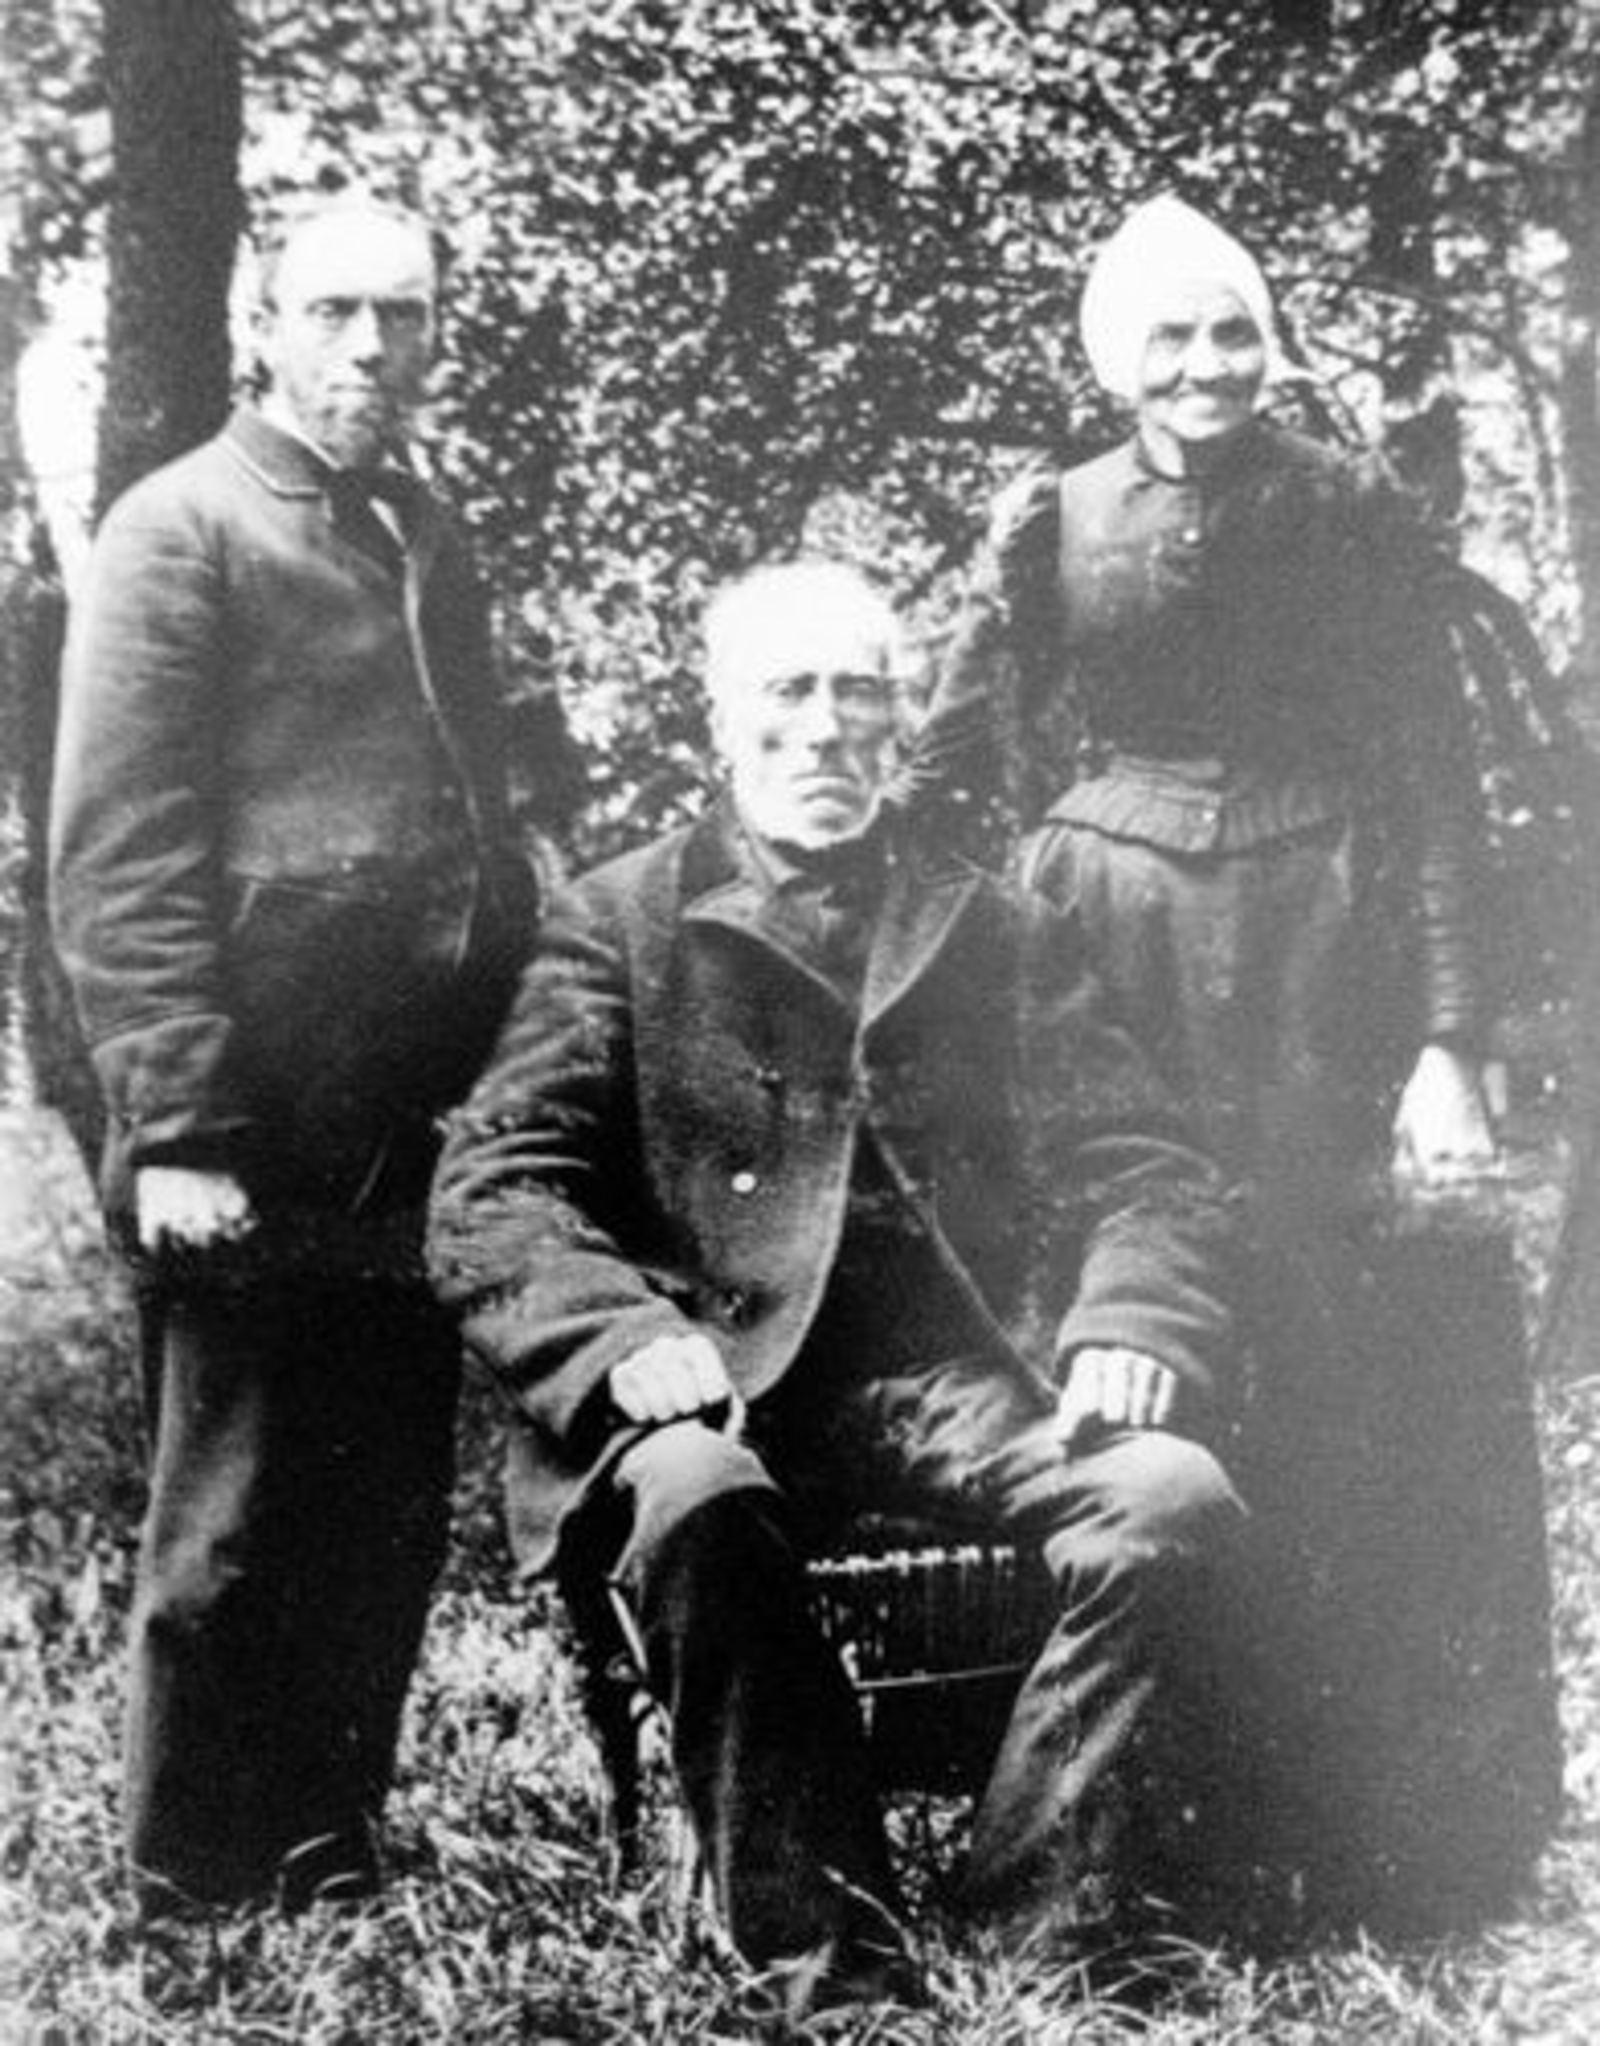 Bier Pieter 1855 189_ met vrouw Jannetje Beets en Pieter Jr